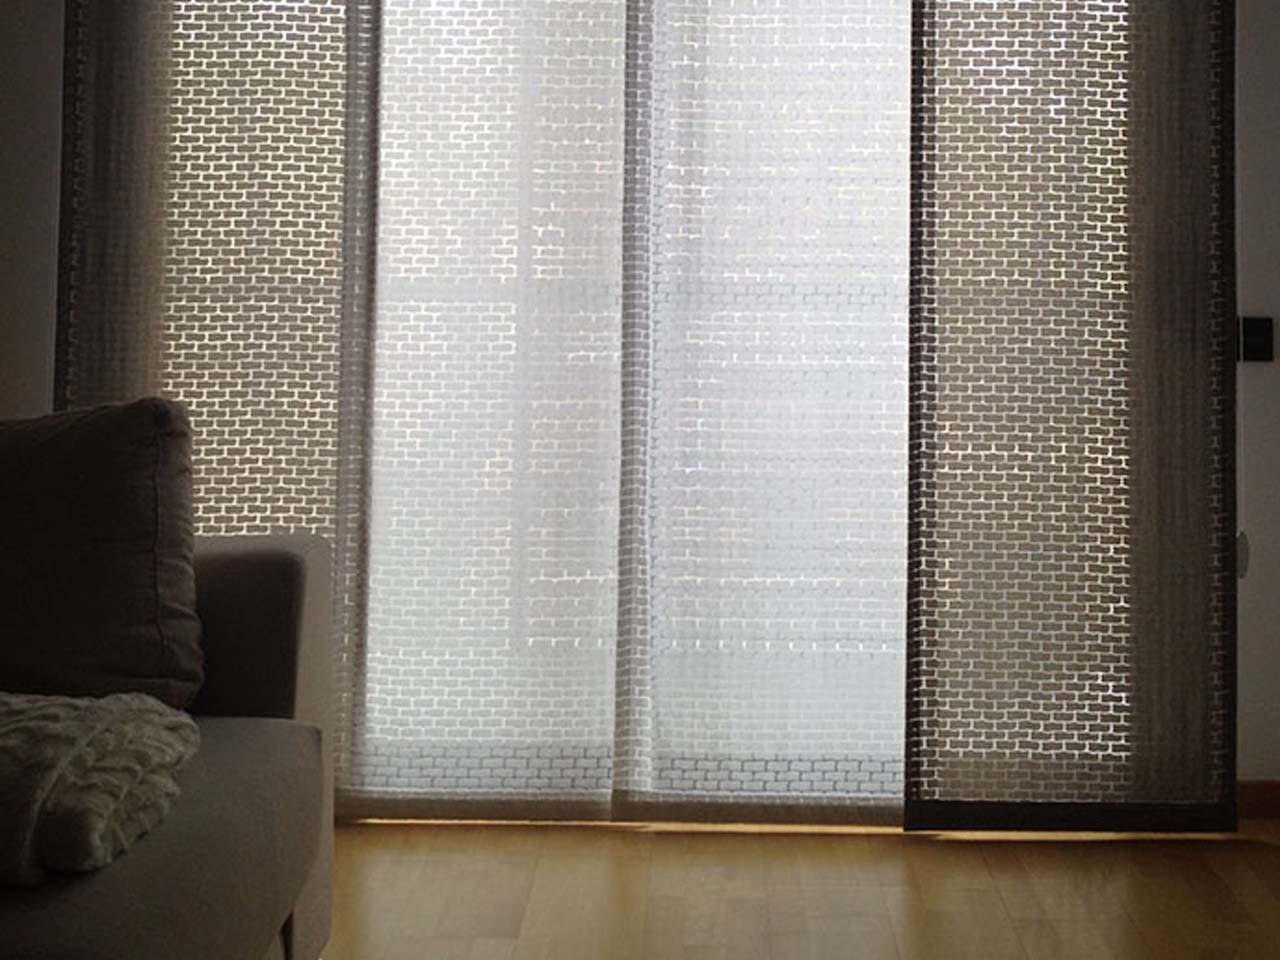 Cortines de panell en blancs i marrons detalls